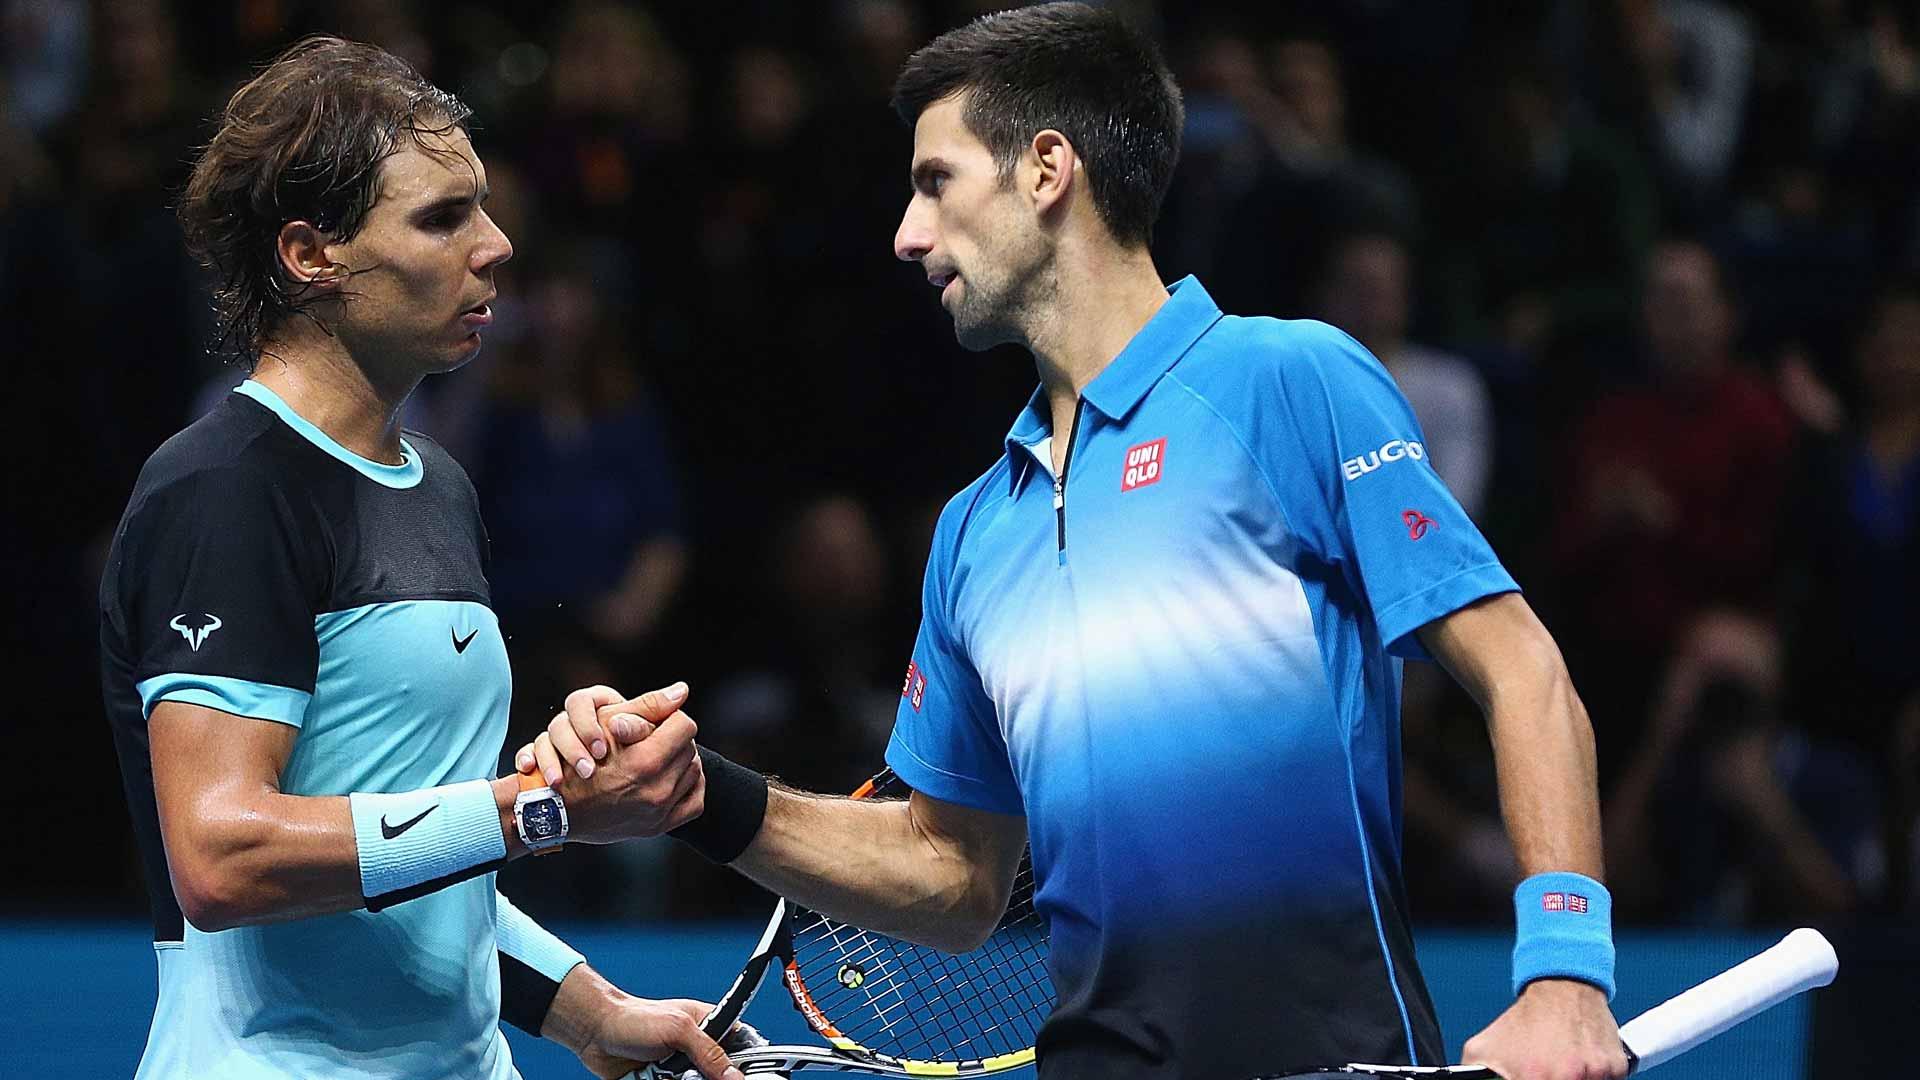 Nadal Djokovic rivalry